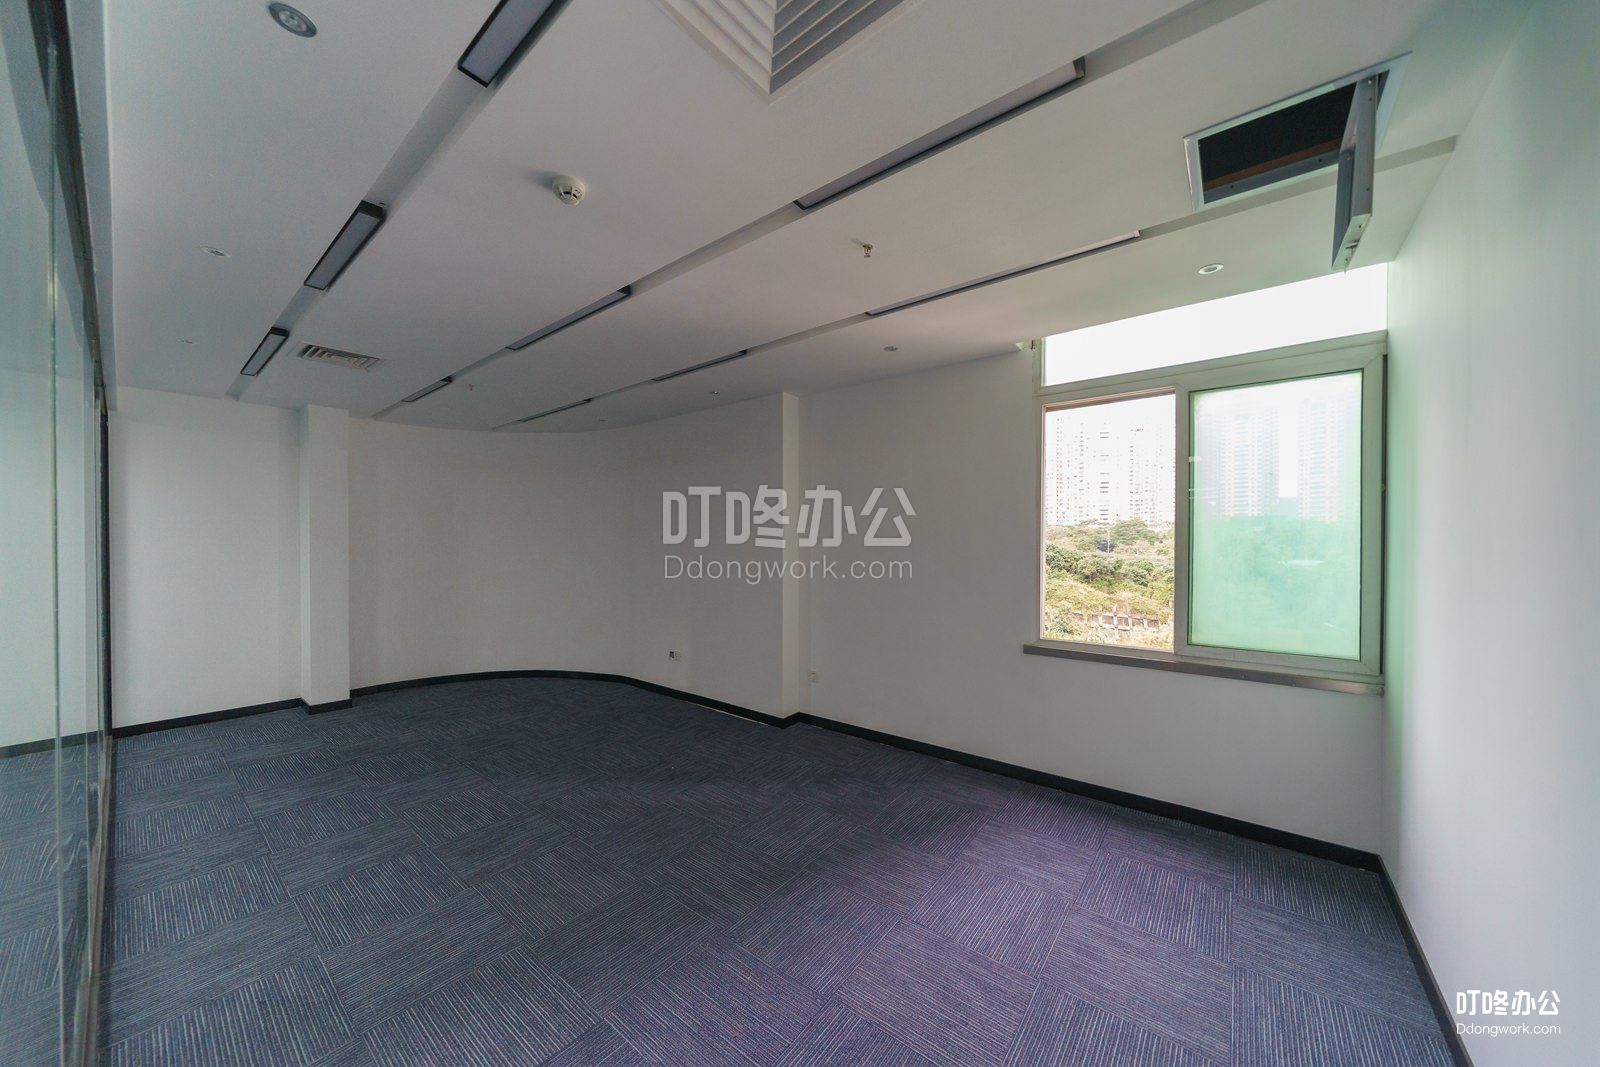 蓝马创业 · 虚拟大学园站